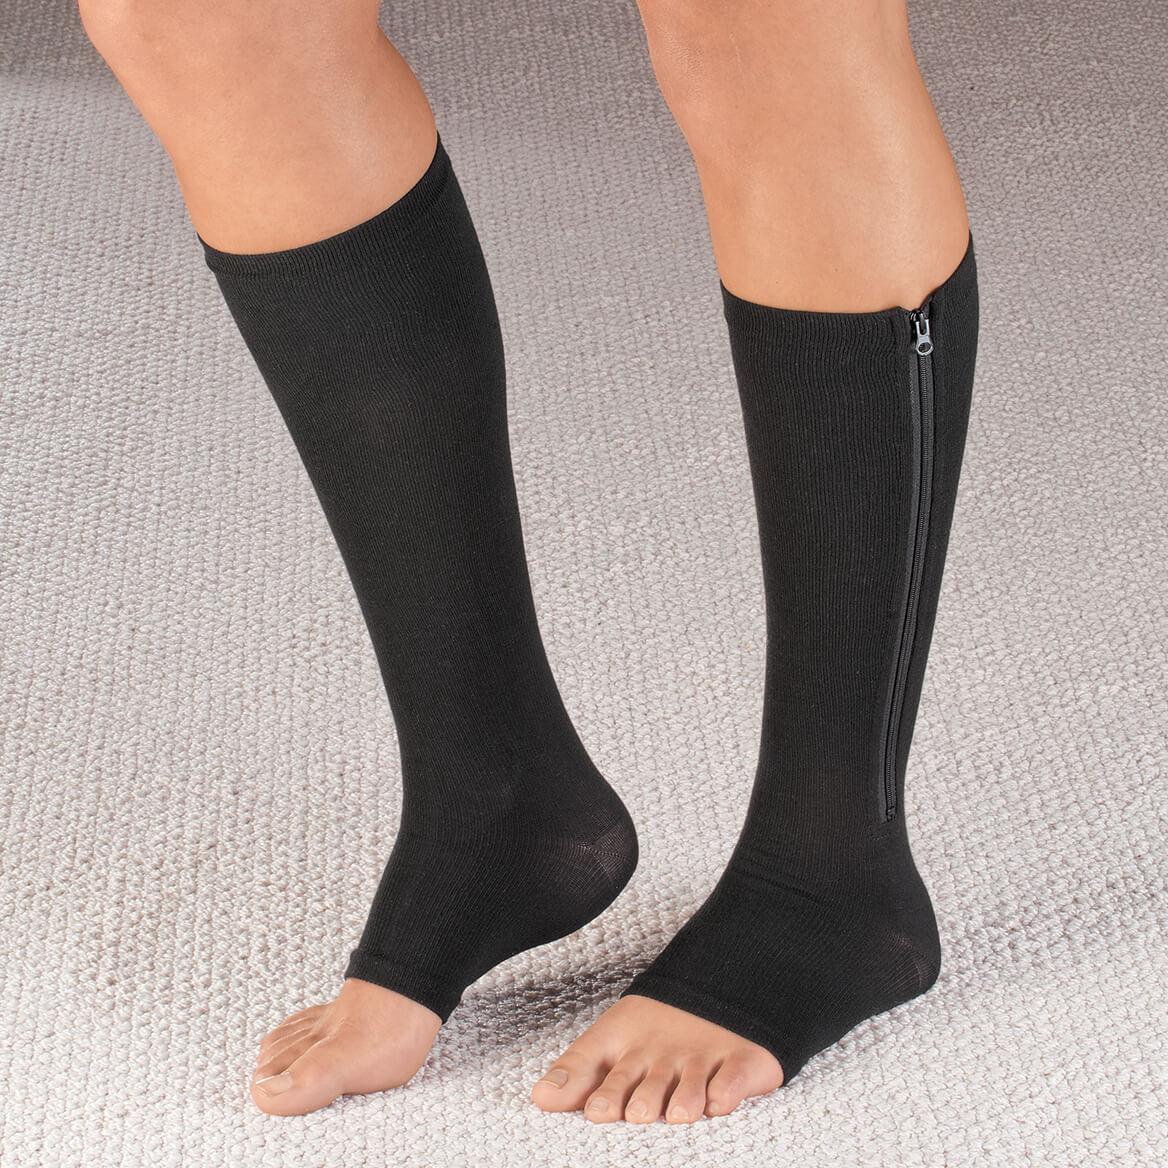 5c9b3c27e Magnetic Zipper Compression Socks-353654 Magnetic Zipper Compression Socks -353654